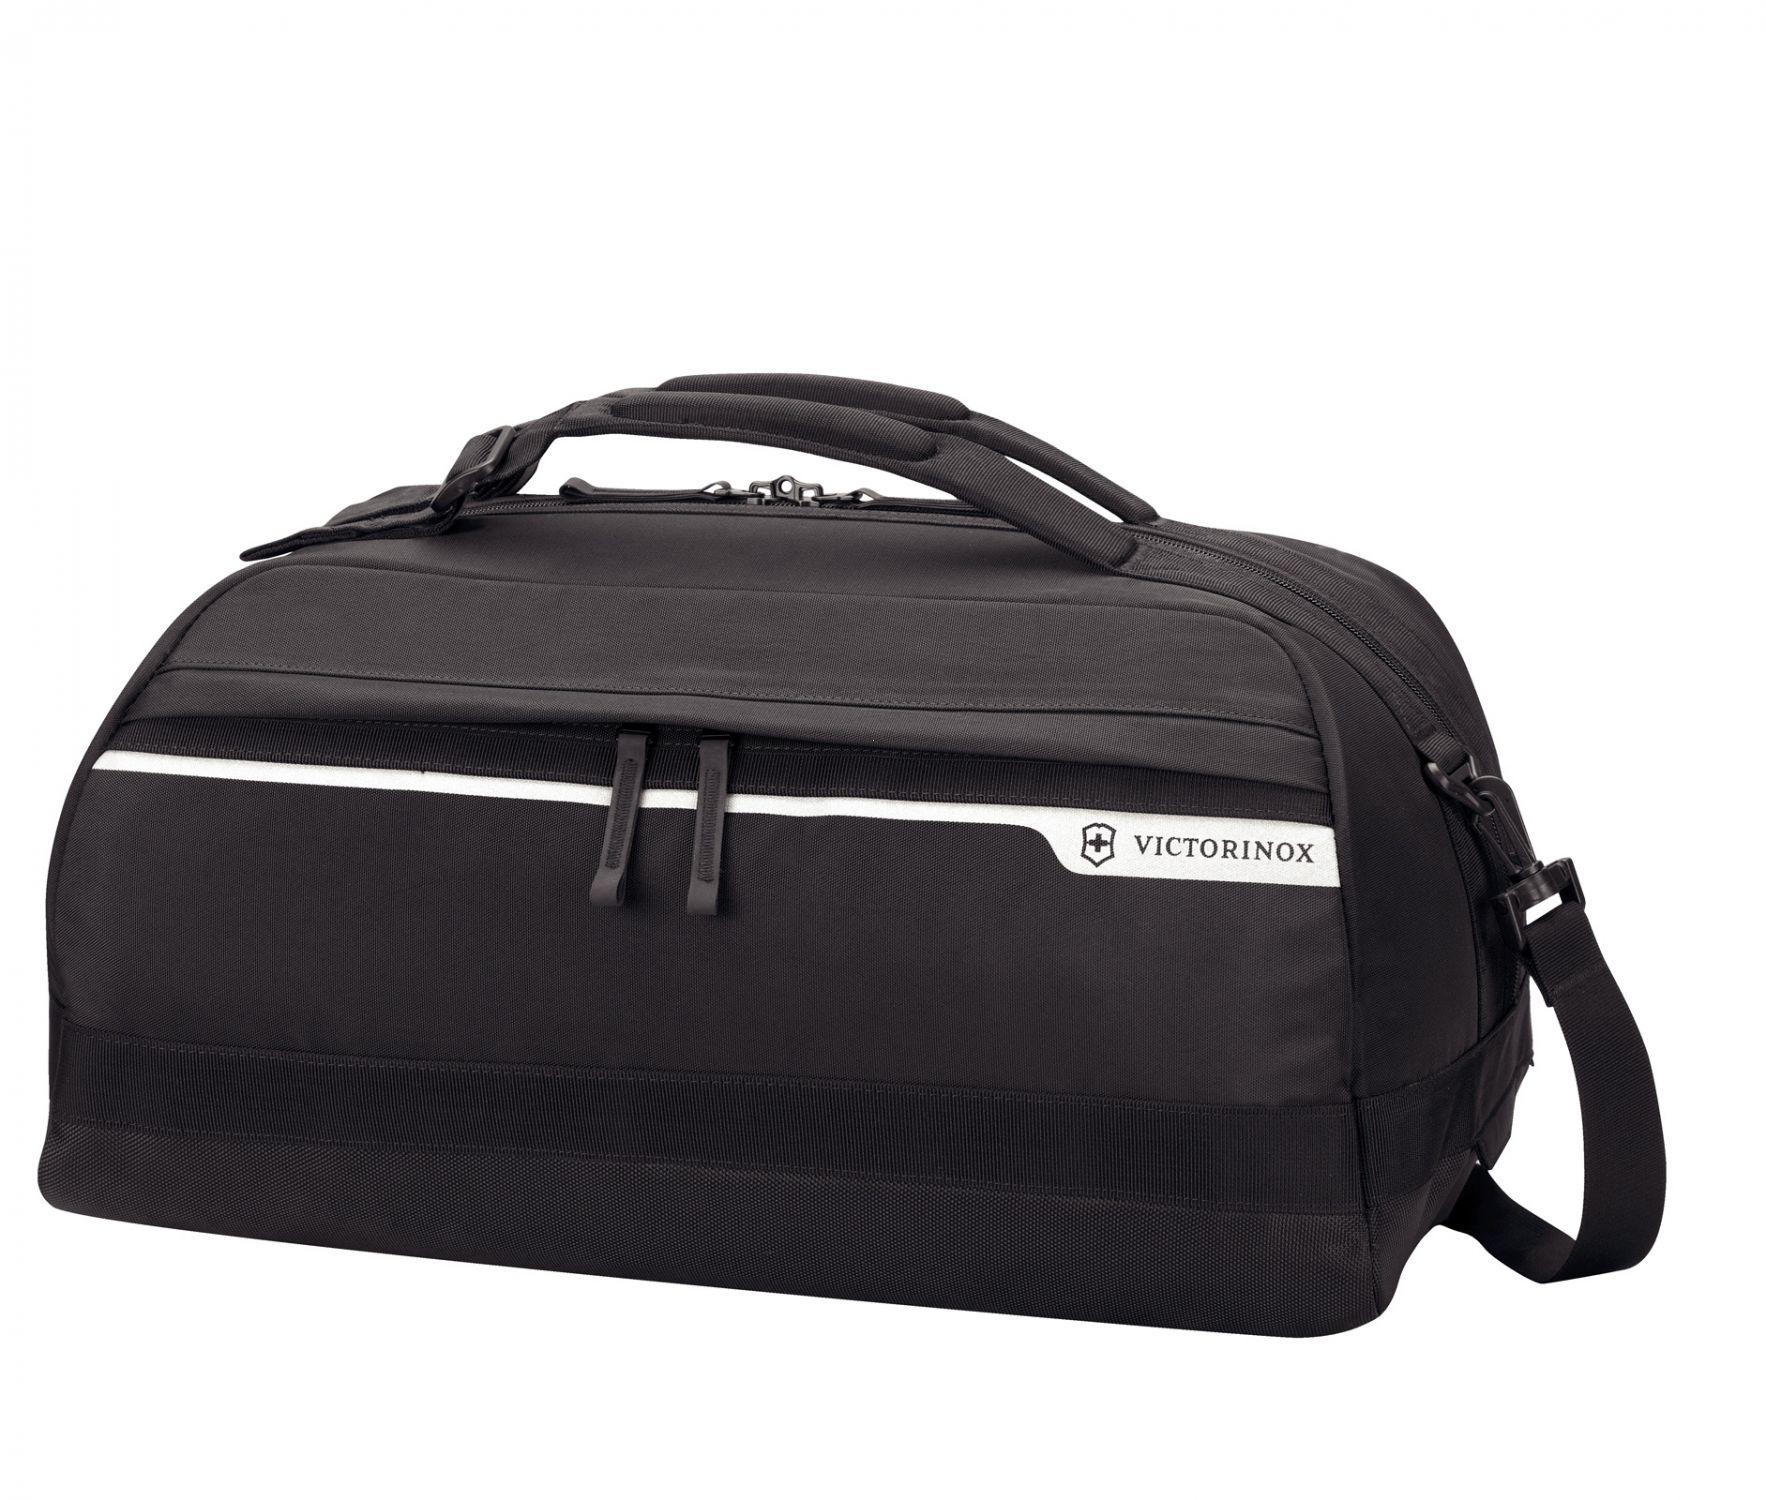 91eae54a32880 Victorinox CH-97™ 2.0 Torba podróżna czarna ...